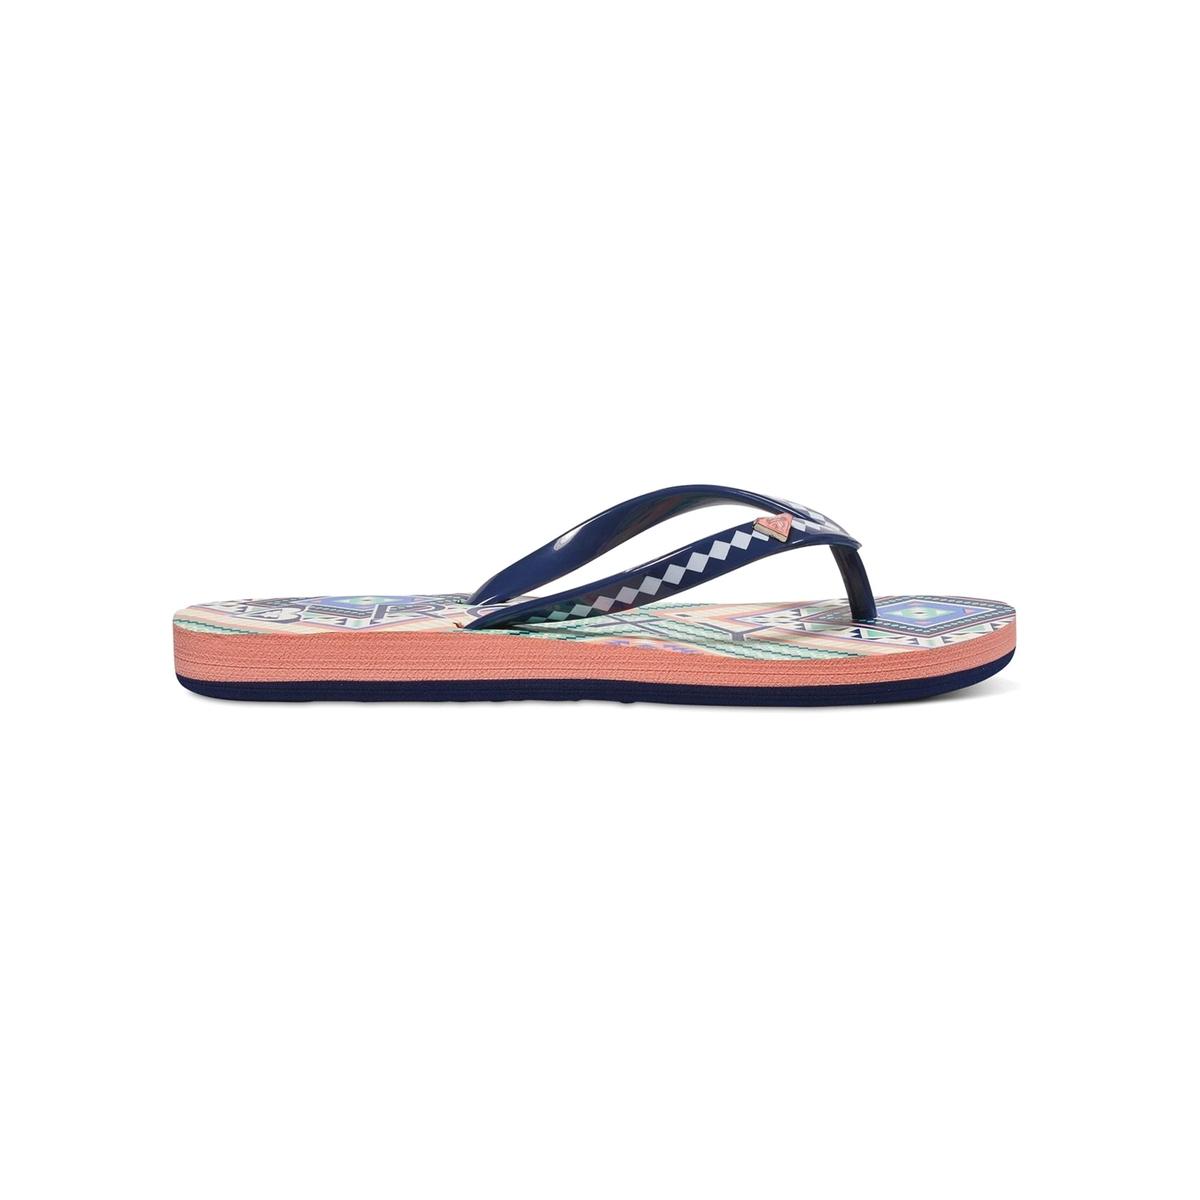 Вьетнамки RG PebblesВерх : синтетика   Подошва : каучук   Форма каблука : плоский каблук   Мысок : открытый мысок   Застежка : без застежки<br><br>Цвет: оранжевый/ черный